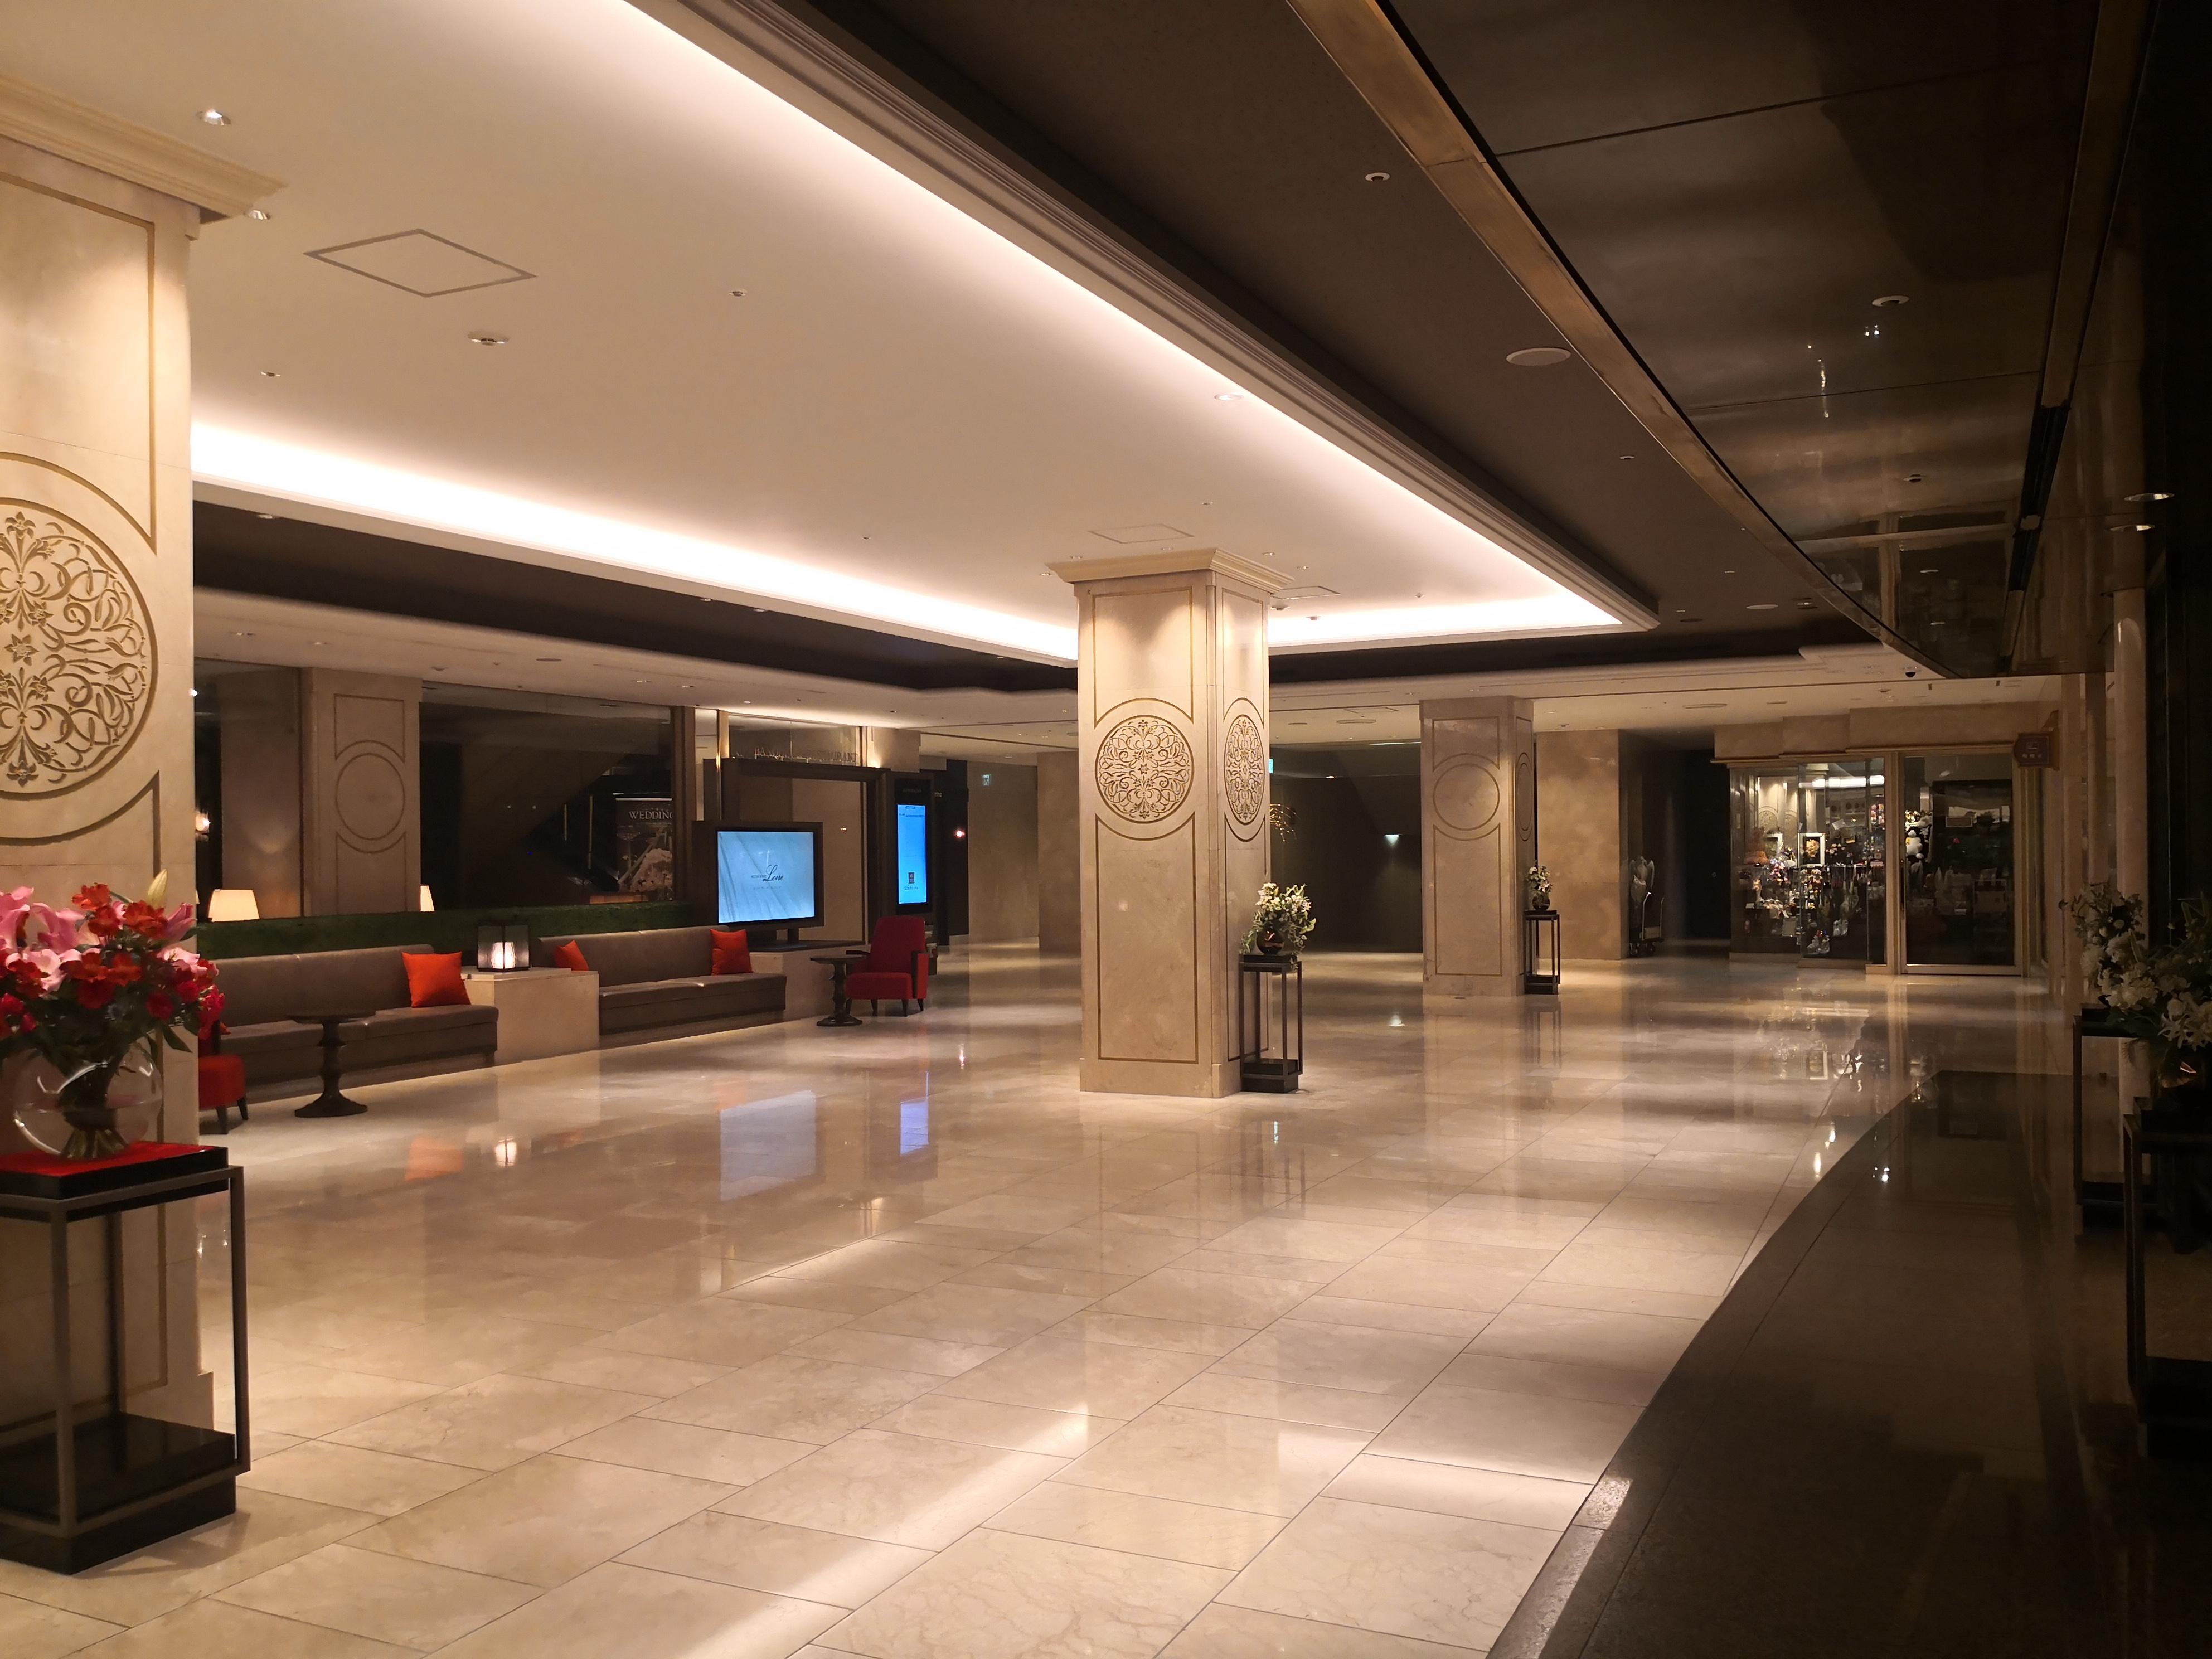 名古屋東急ホテルロビーの様子